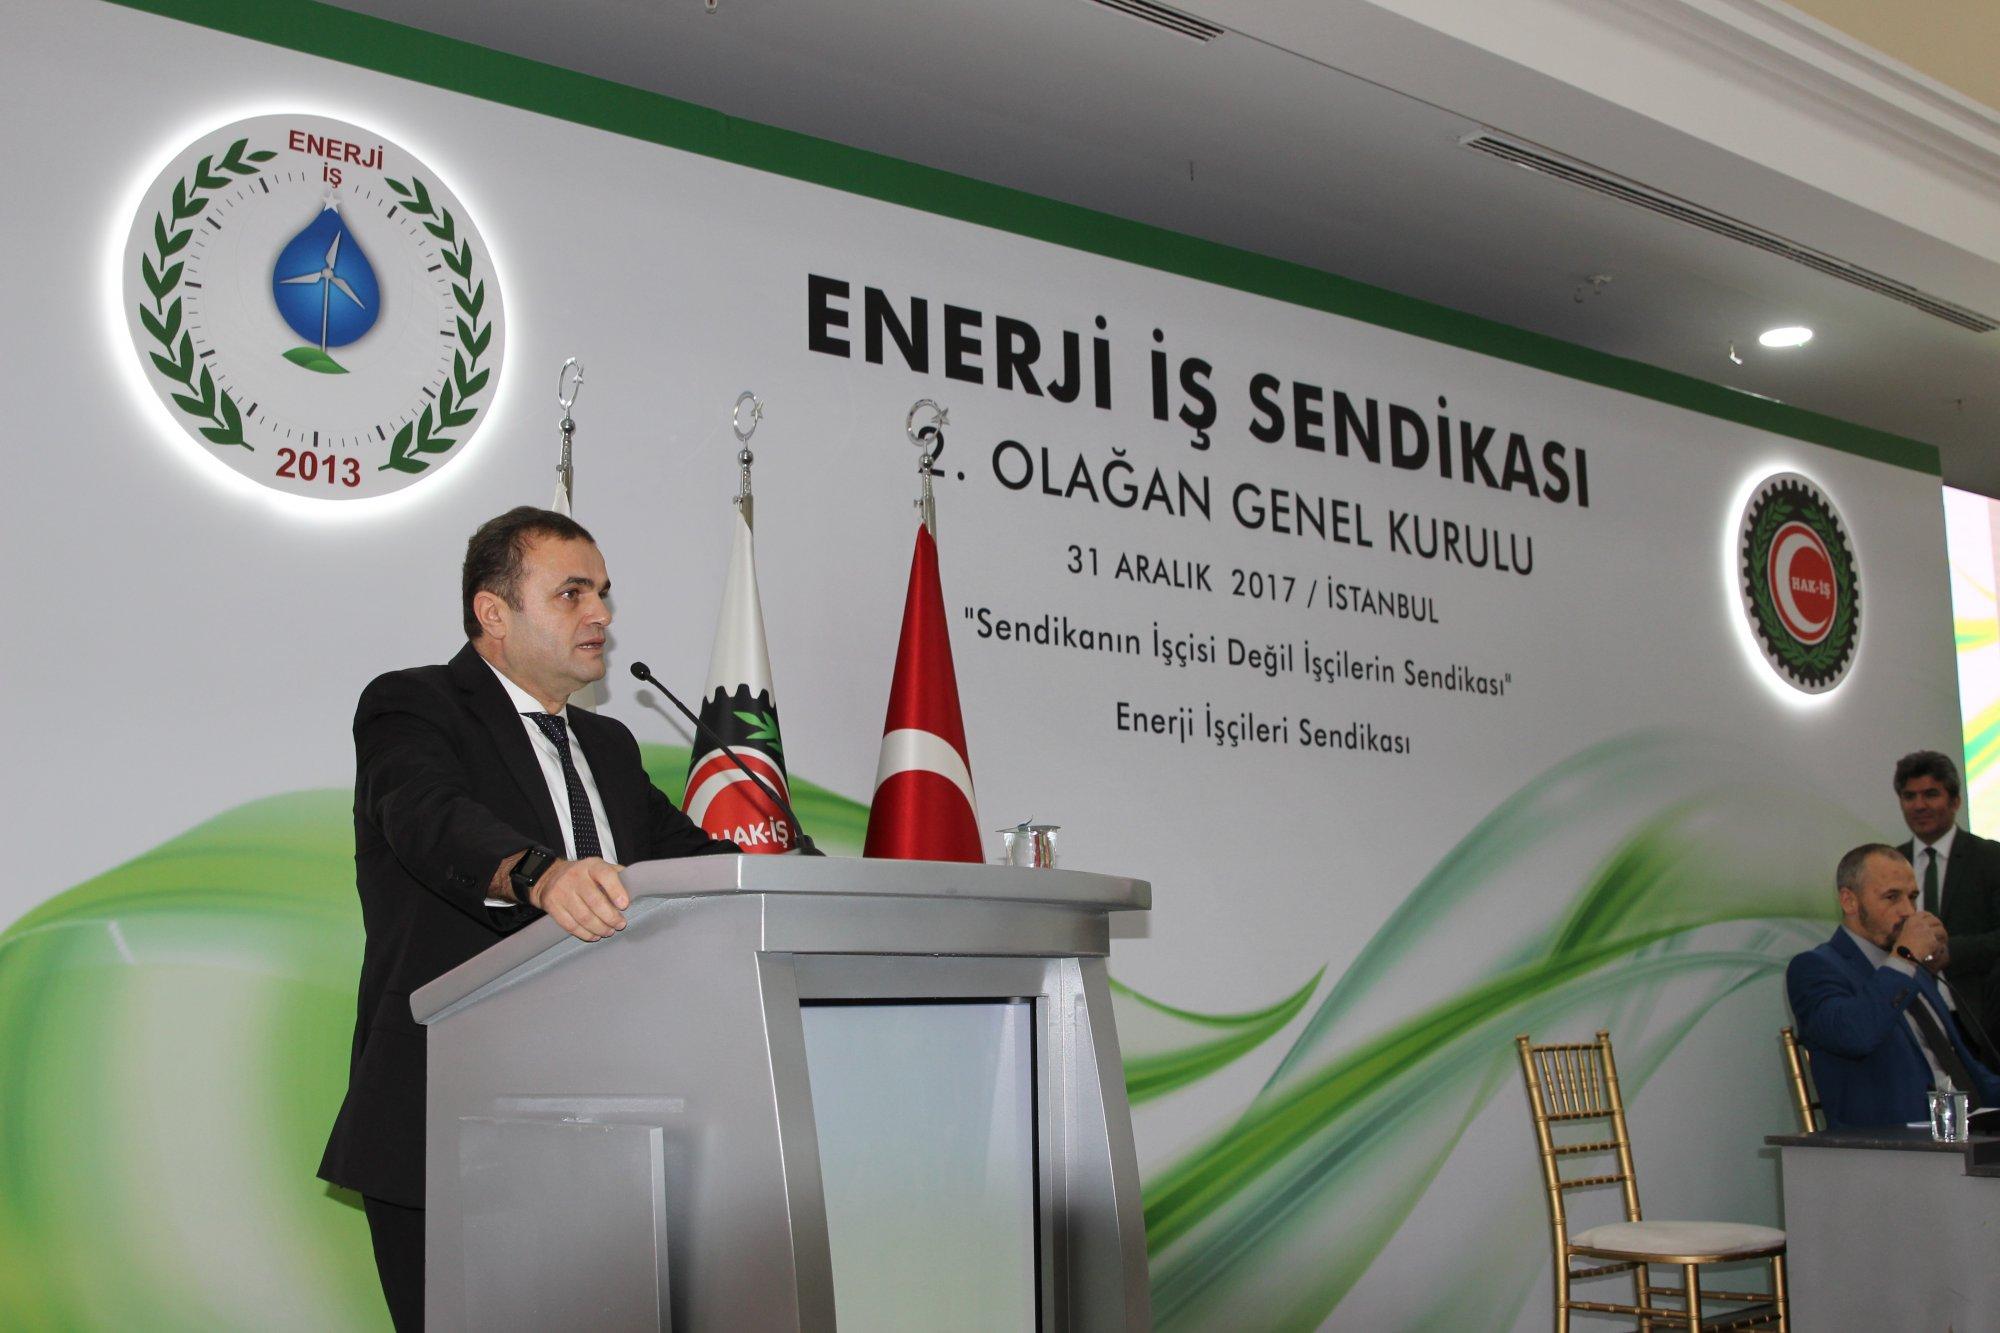 YILDIZ, ENERJİ-İŞ SENDİKASI GENEL KURULUNA KATILDI